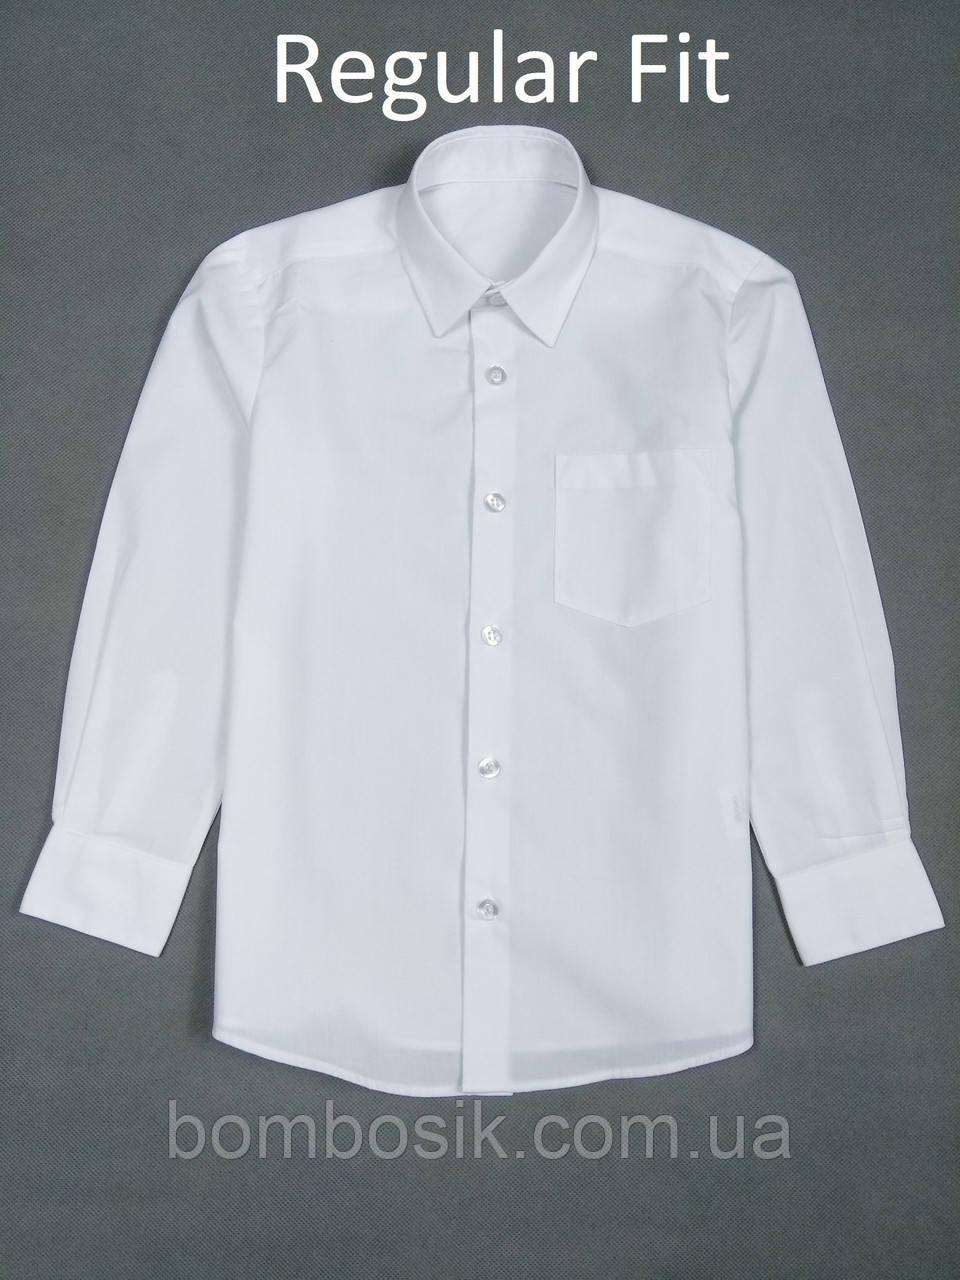 Рубашка белая для мальчика George Regular Fit, 5-6л (110-116см)